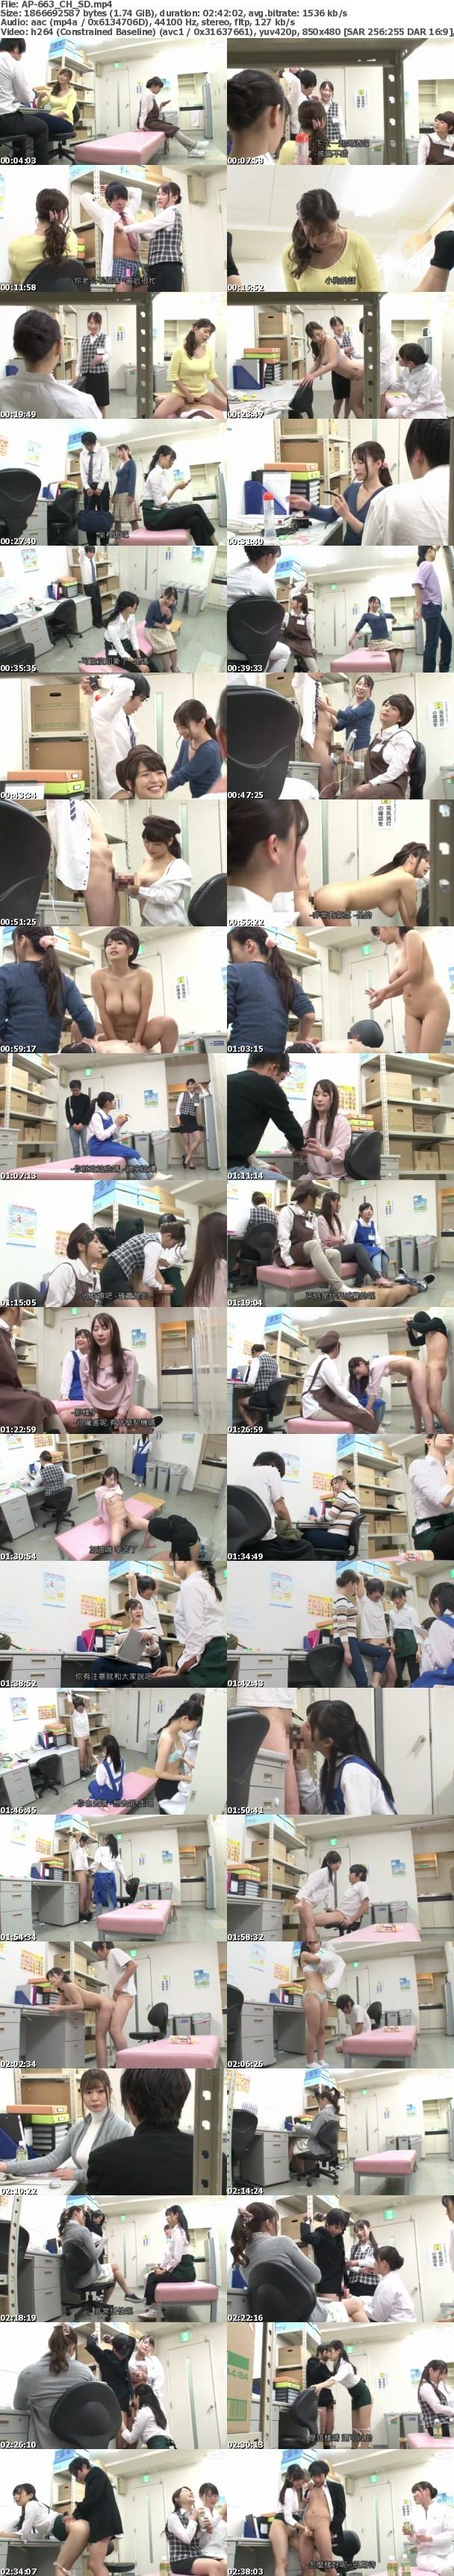 AP-663 超市工作的美女們將偷東西的少年拘束在倉庫![中文字幕]